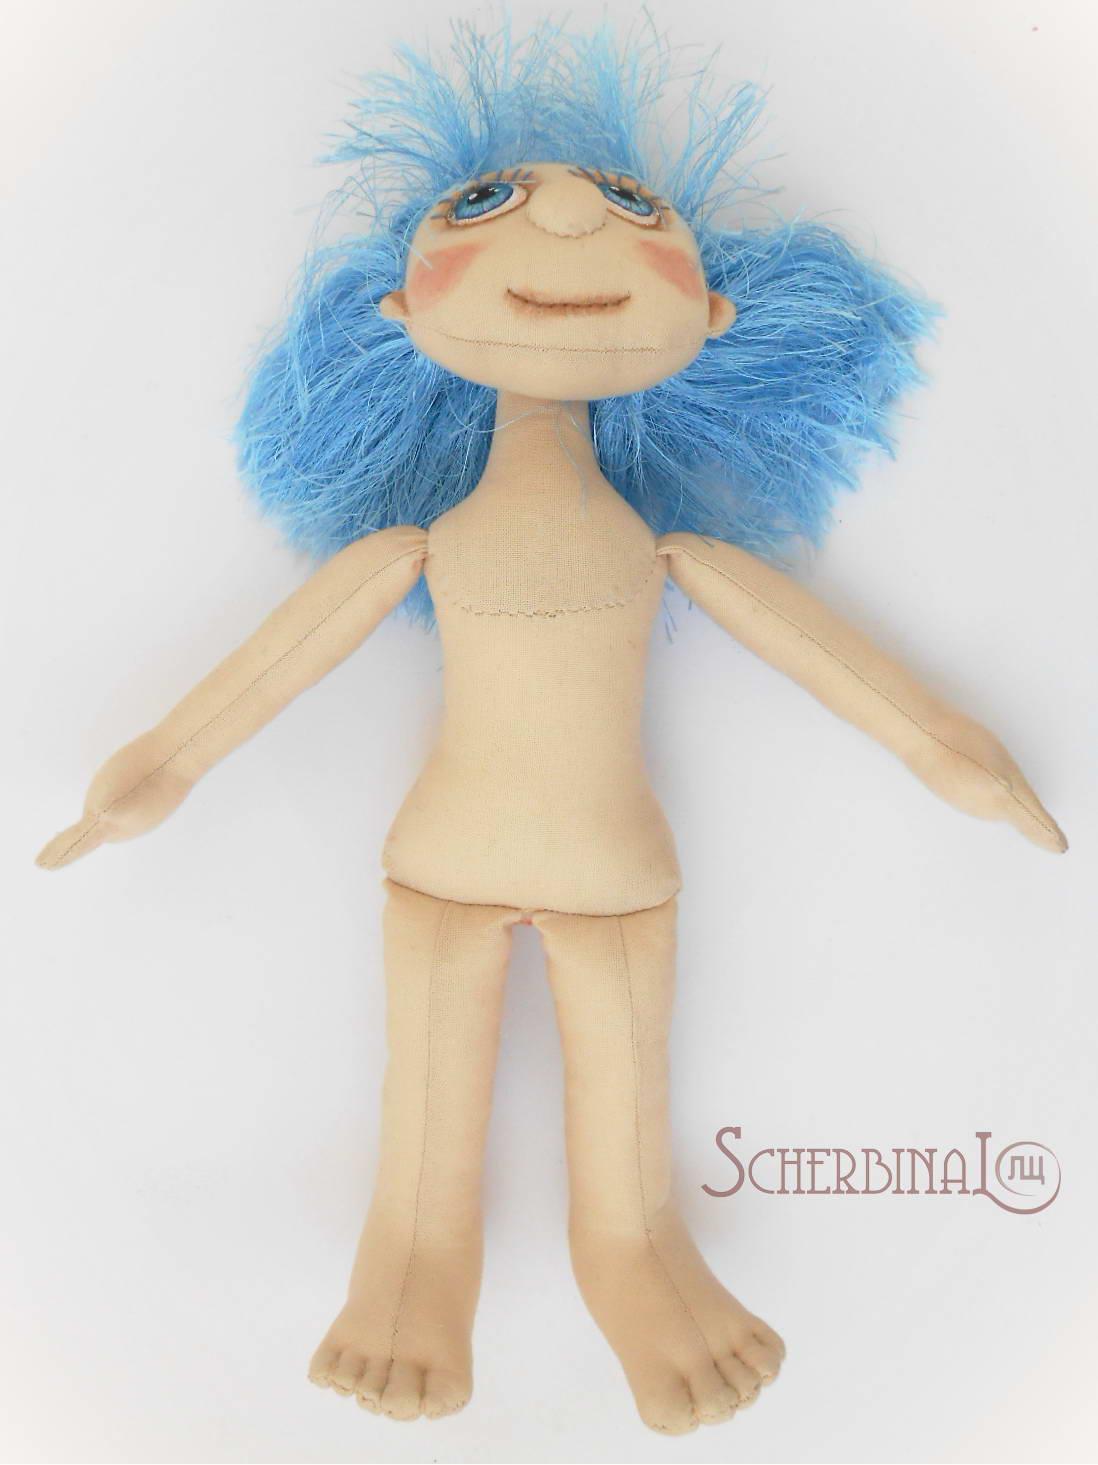 мастер-класс по изготовлению игровой текстильной куклы-карамельки Людмилы Щербина